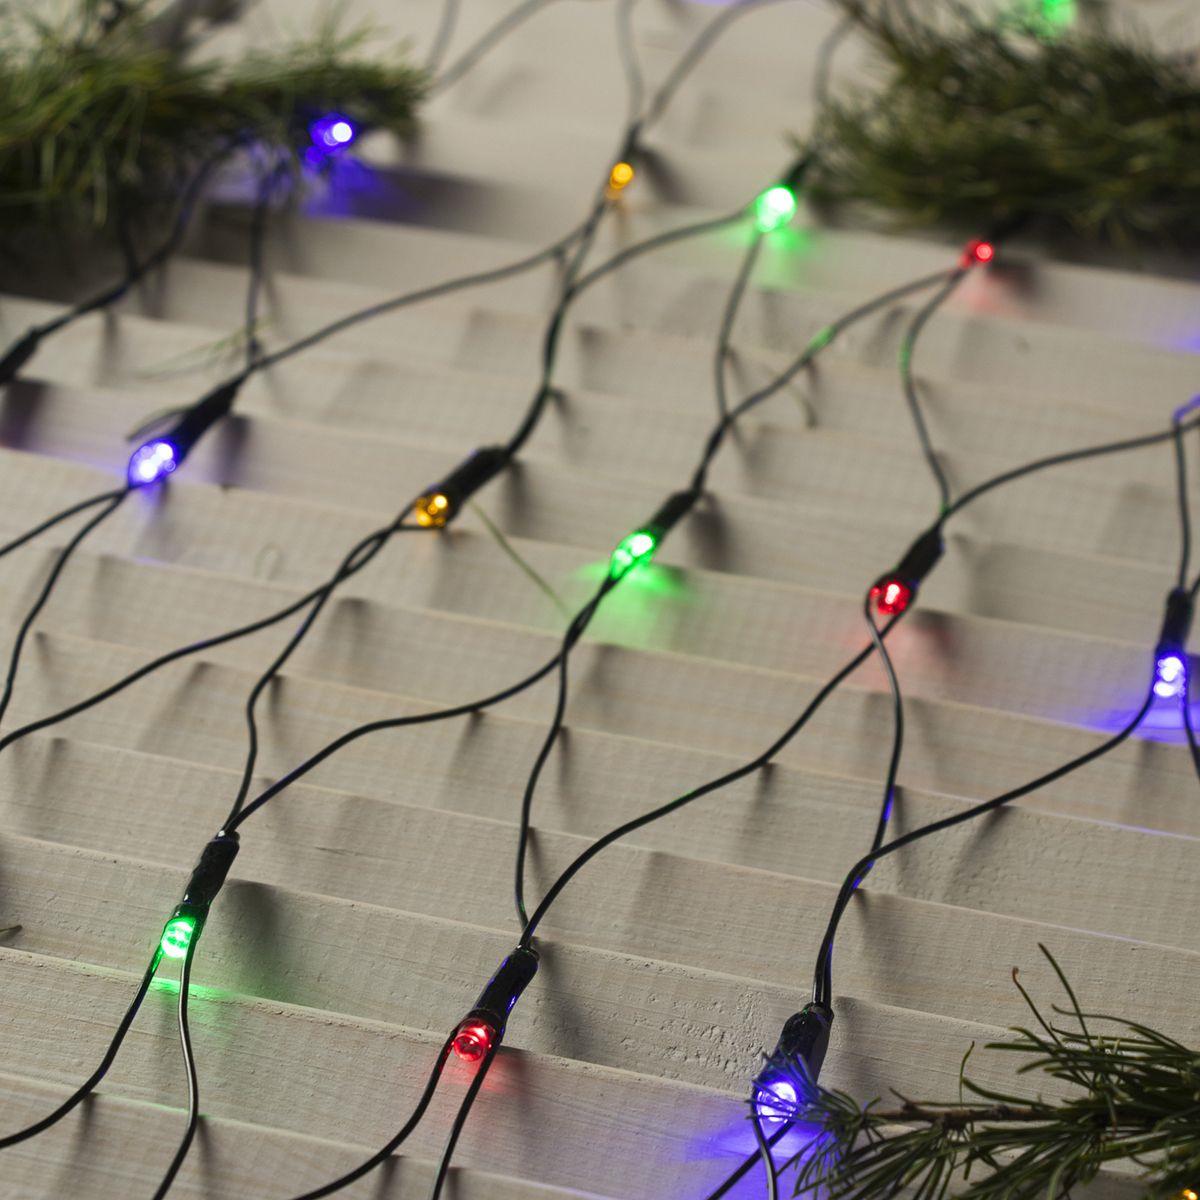 Гирлянда электрическая Luazon Lighting Сеть, нить темная, цвет: разноцветный, 224 LED, 220 V, 8 режимов, 2 х 2 м гирлянда уличная luazon lighting сеть умс нить прозрачная цвет разноцветный 192 led 2 х 1 5 м